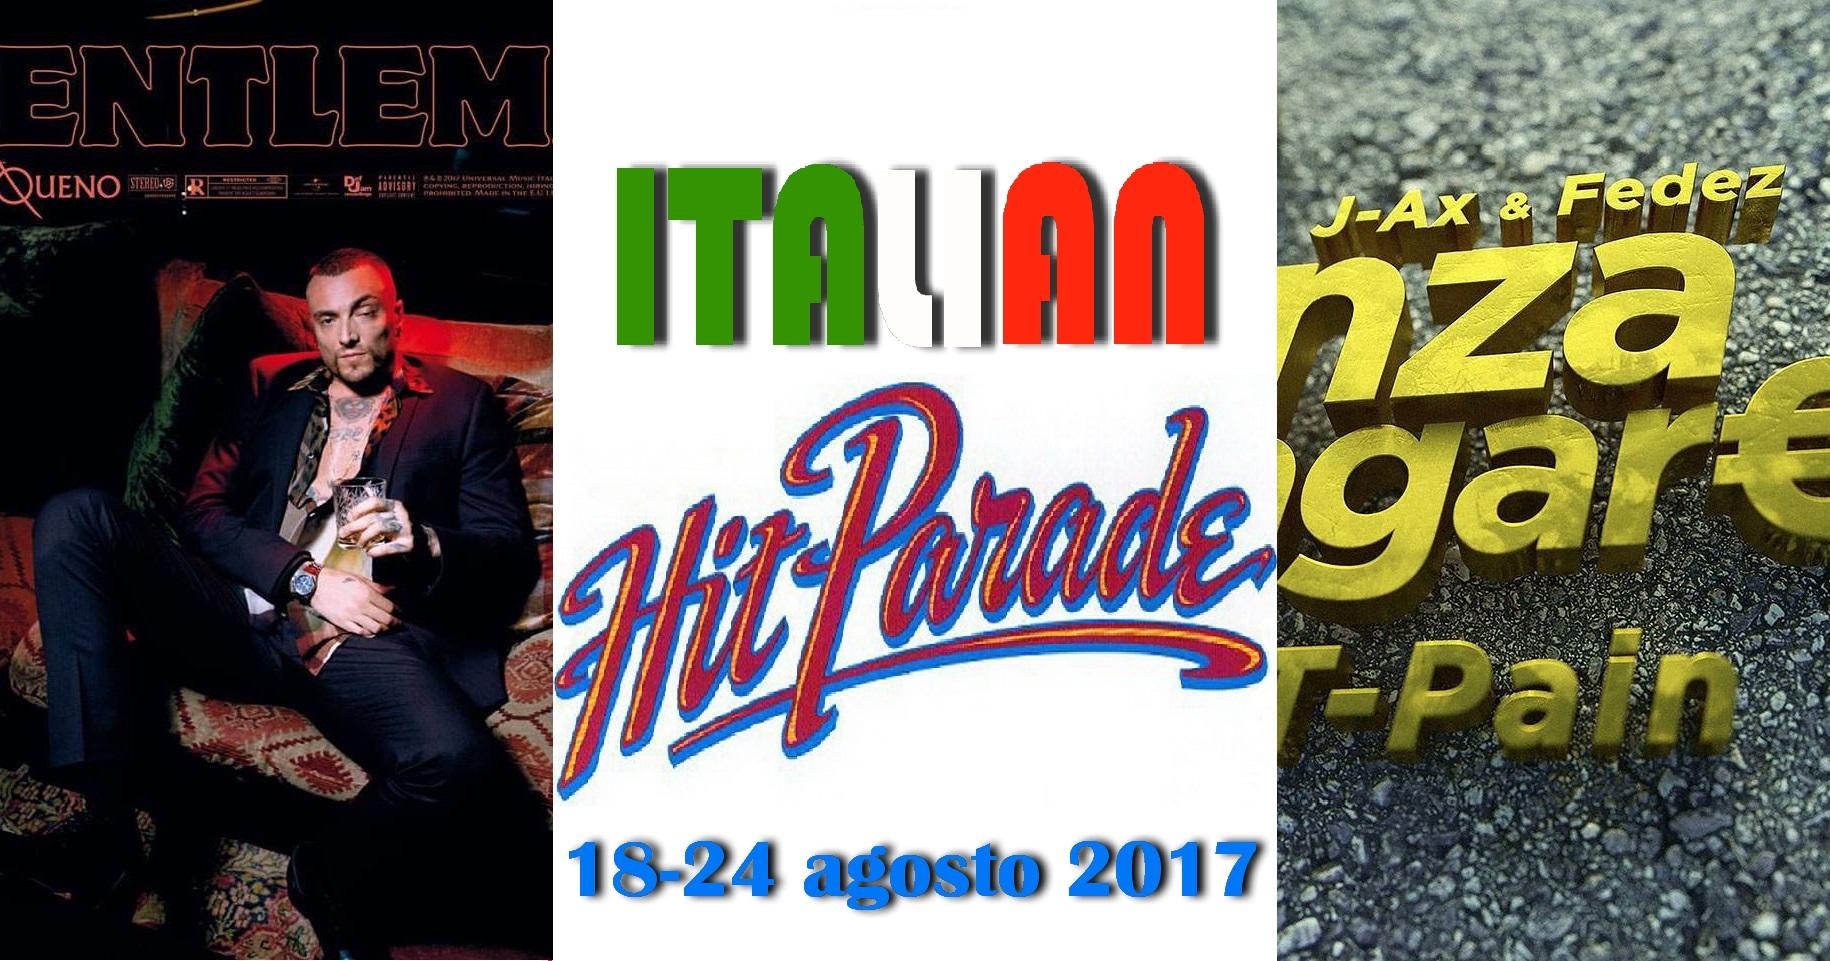 Hit Parade 25-08-17 Gué Pequeno